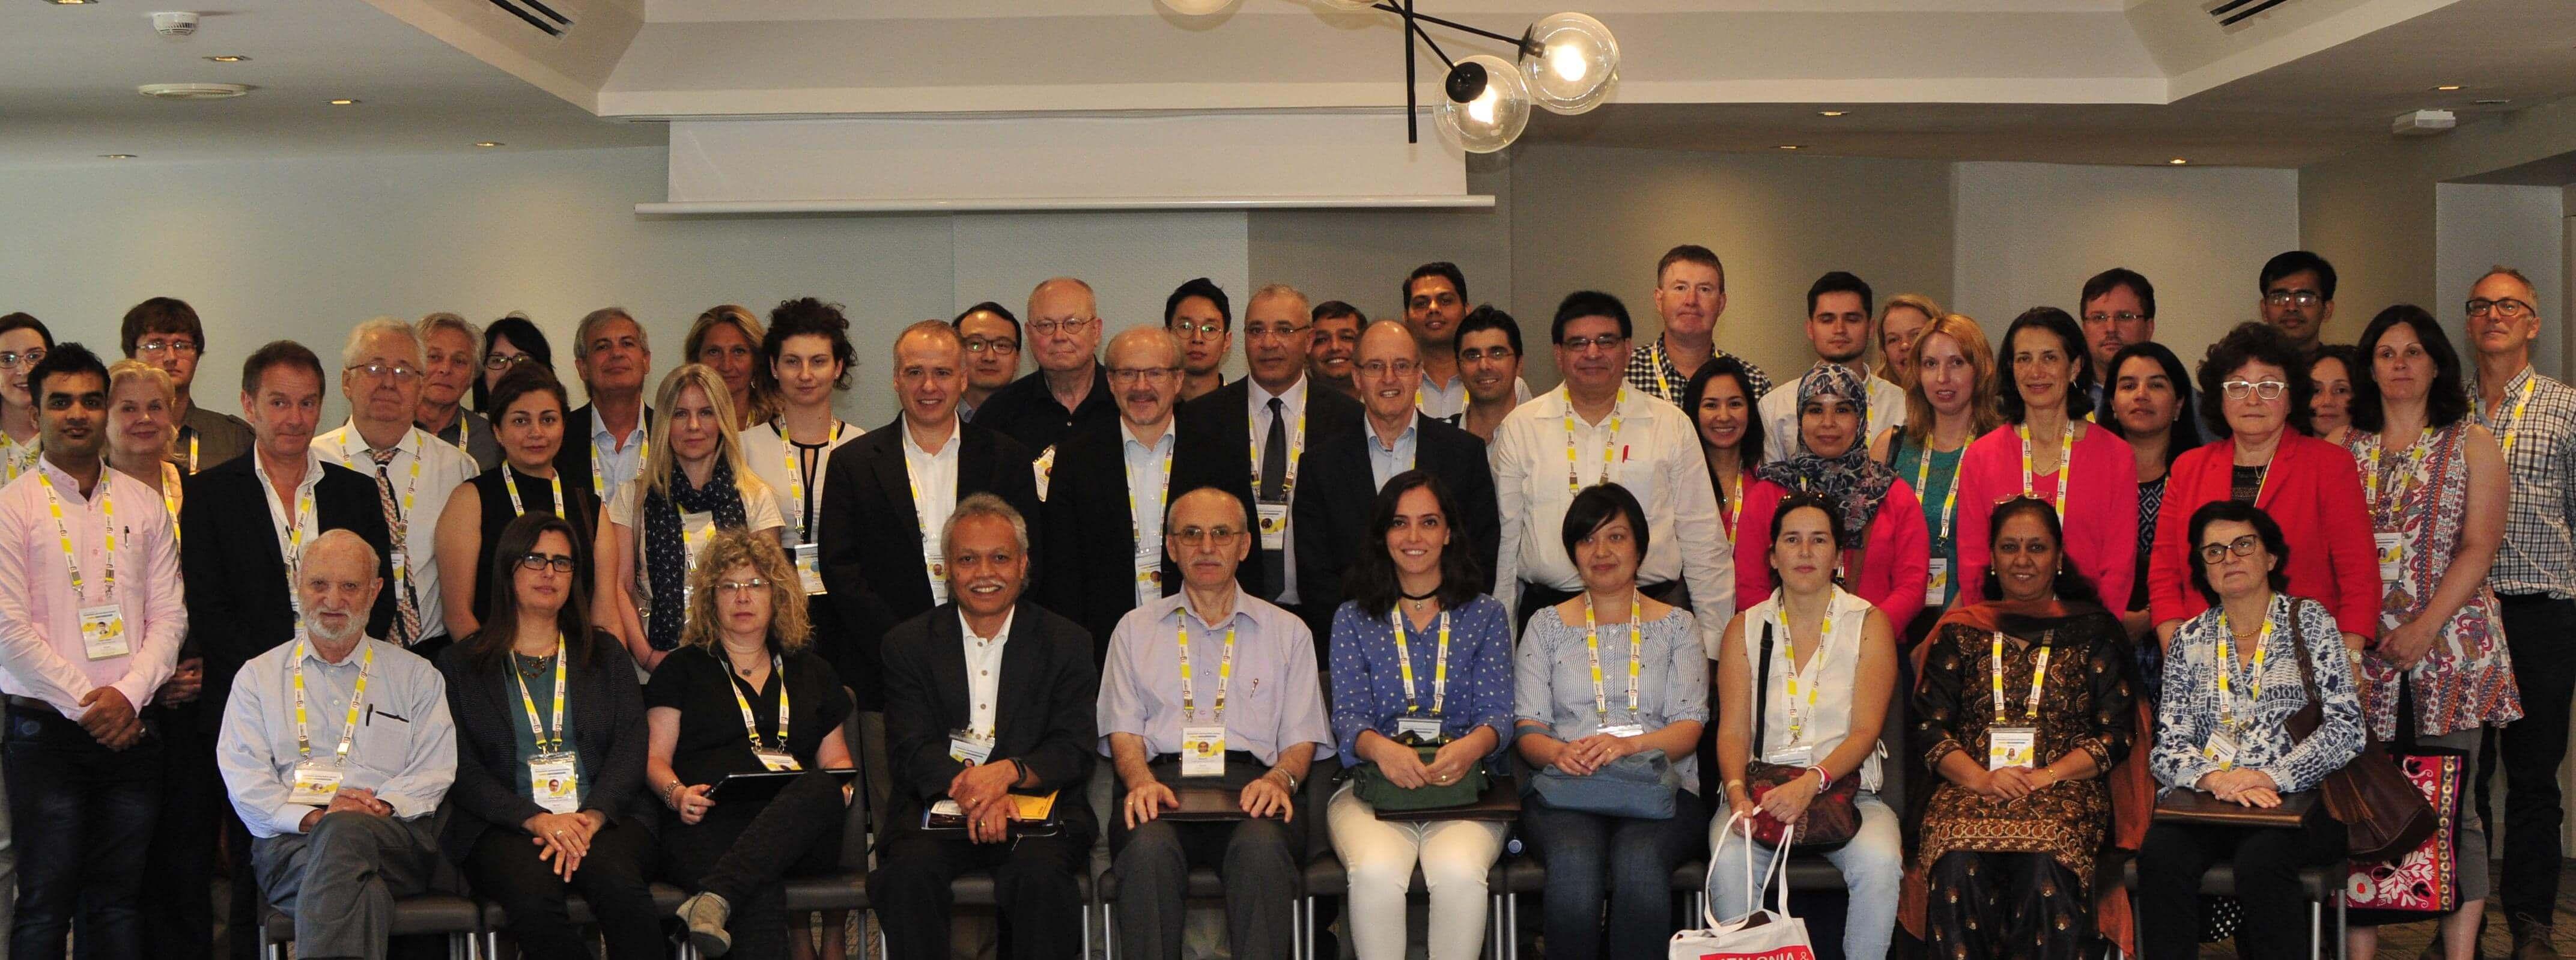 Leading speakers for Pharma 2020